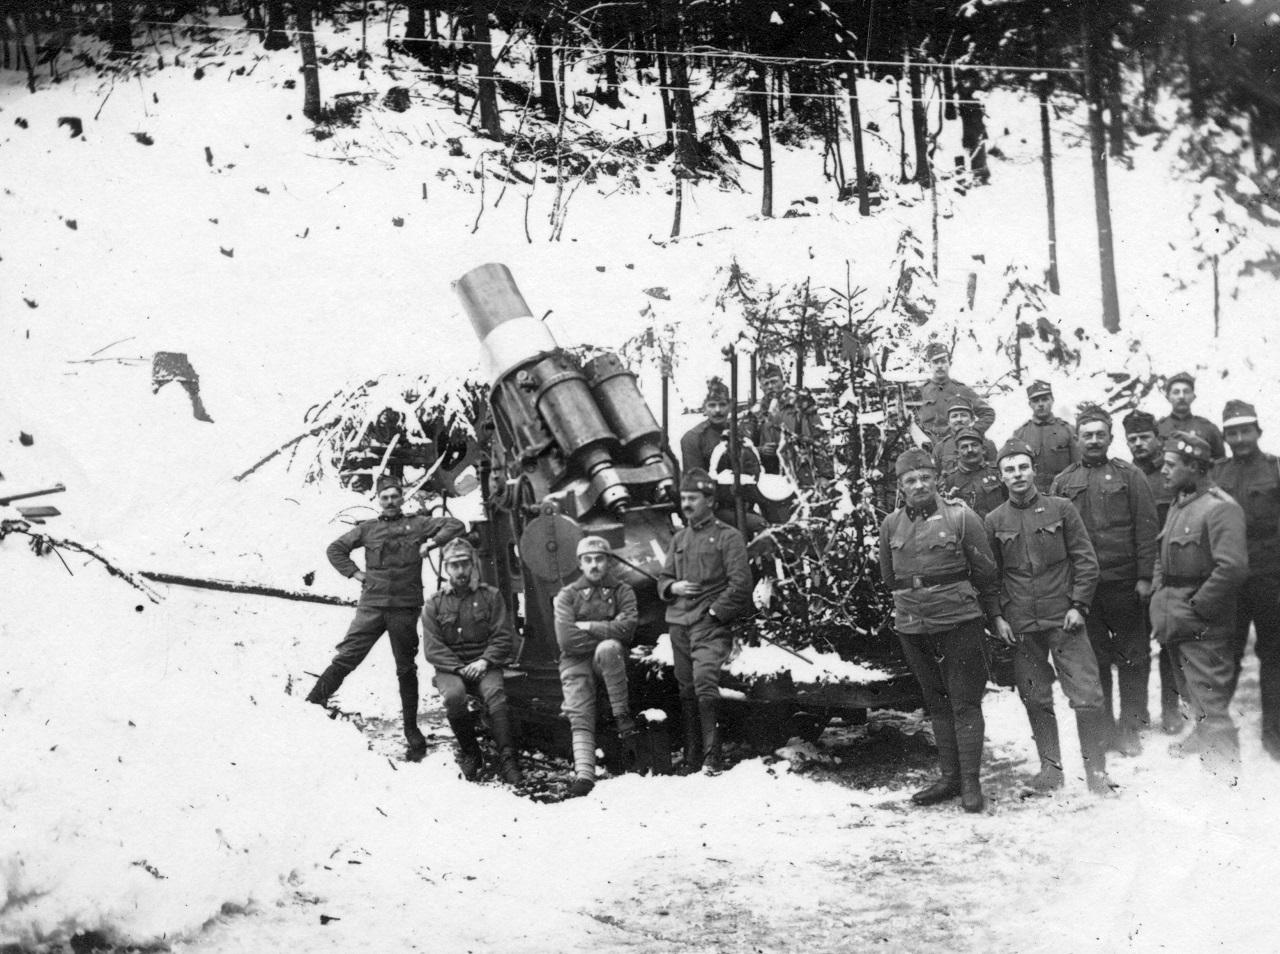 Adatbázis készült az első világháborús hősi halottakról